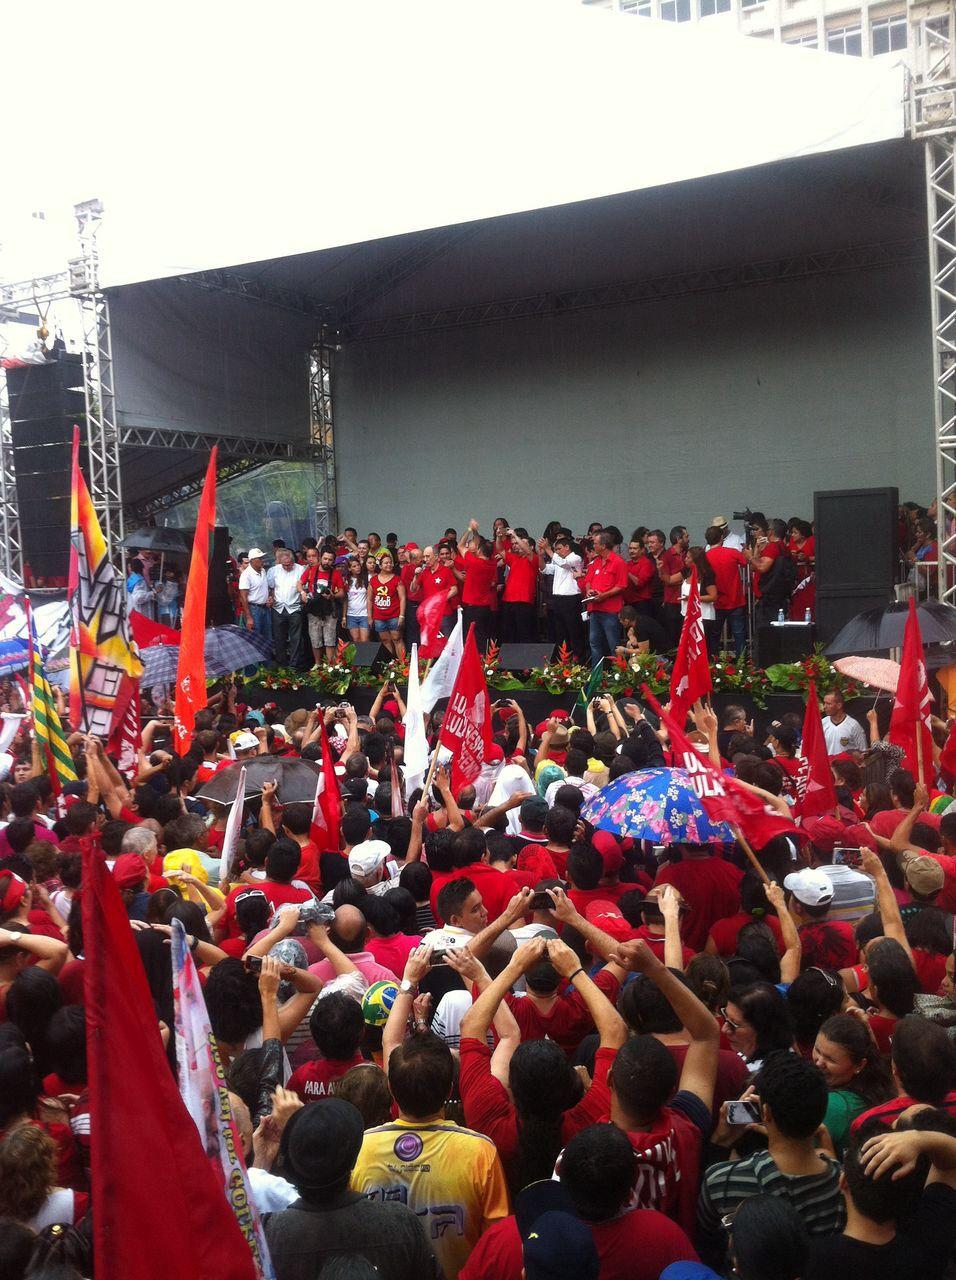 A concentração iniciou-se às 10h. (FOTO: Tribuna do Ceará/ Fernanda Moura)